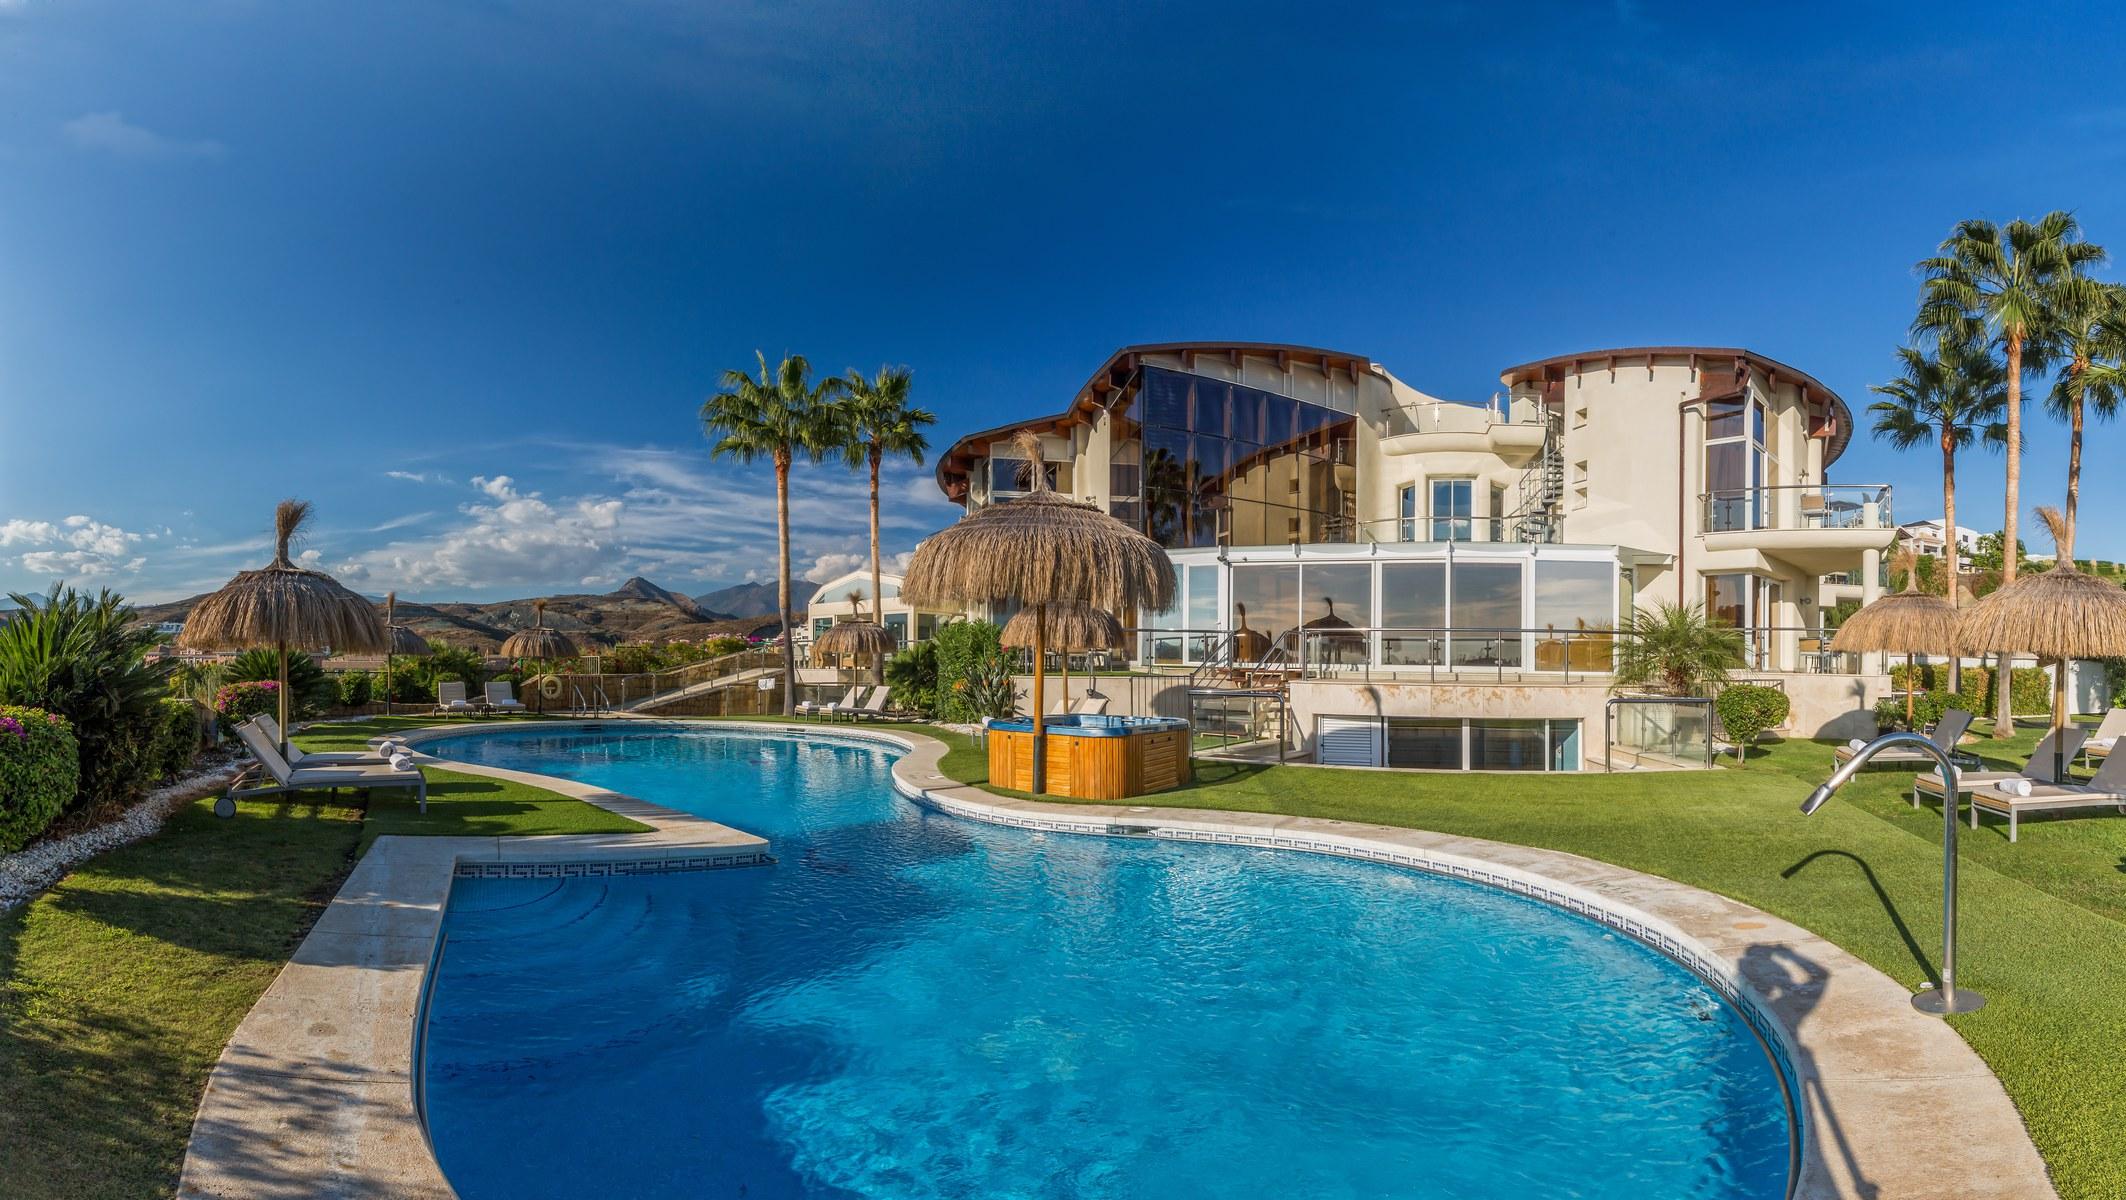 Villa el cid stunning 10 bedroom holiday rental villa for 5 bedroom house with pool